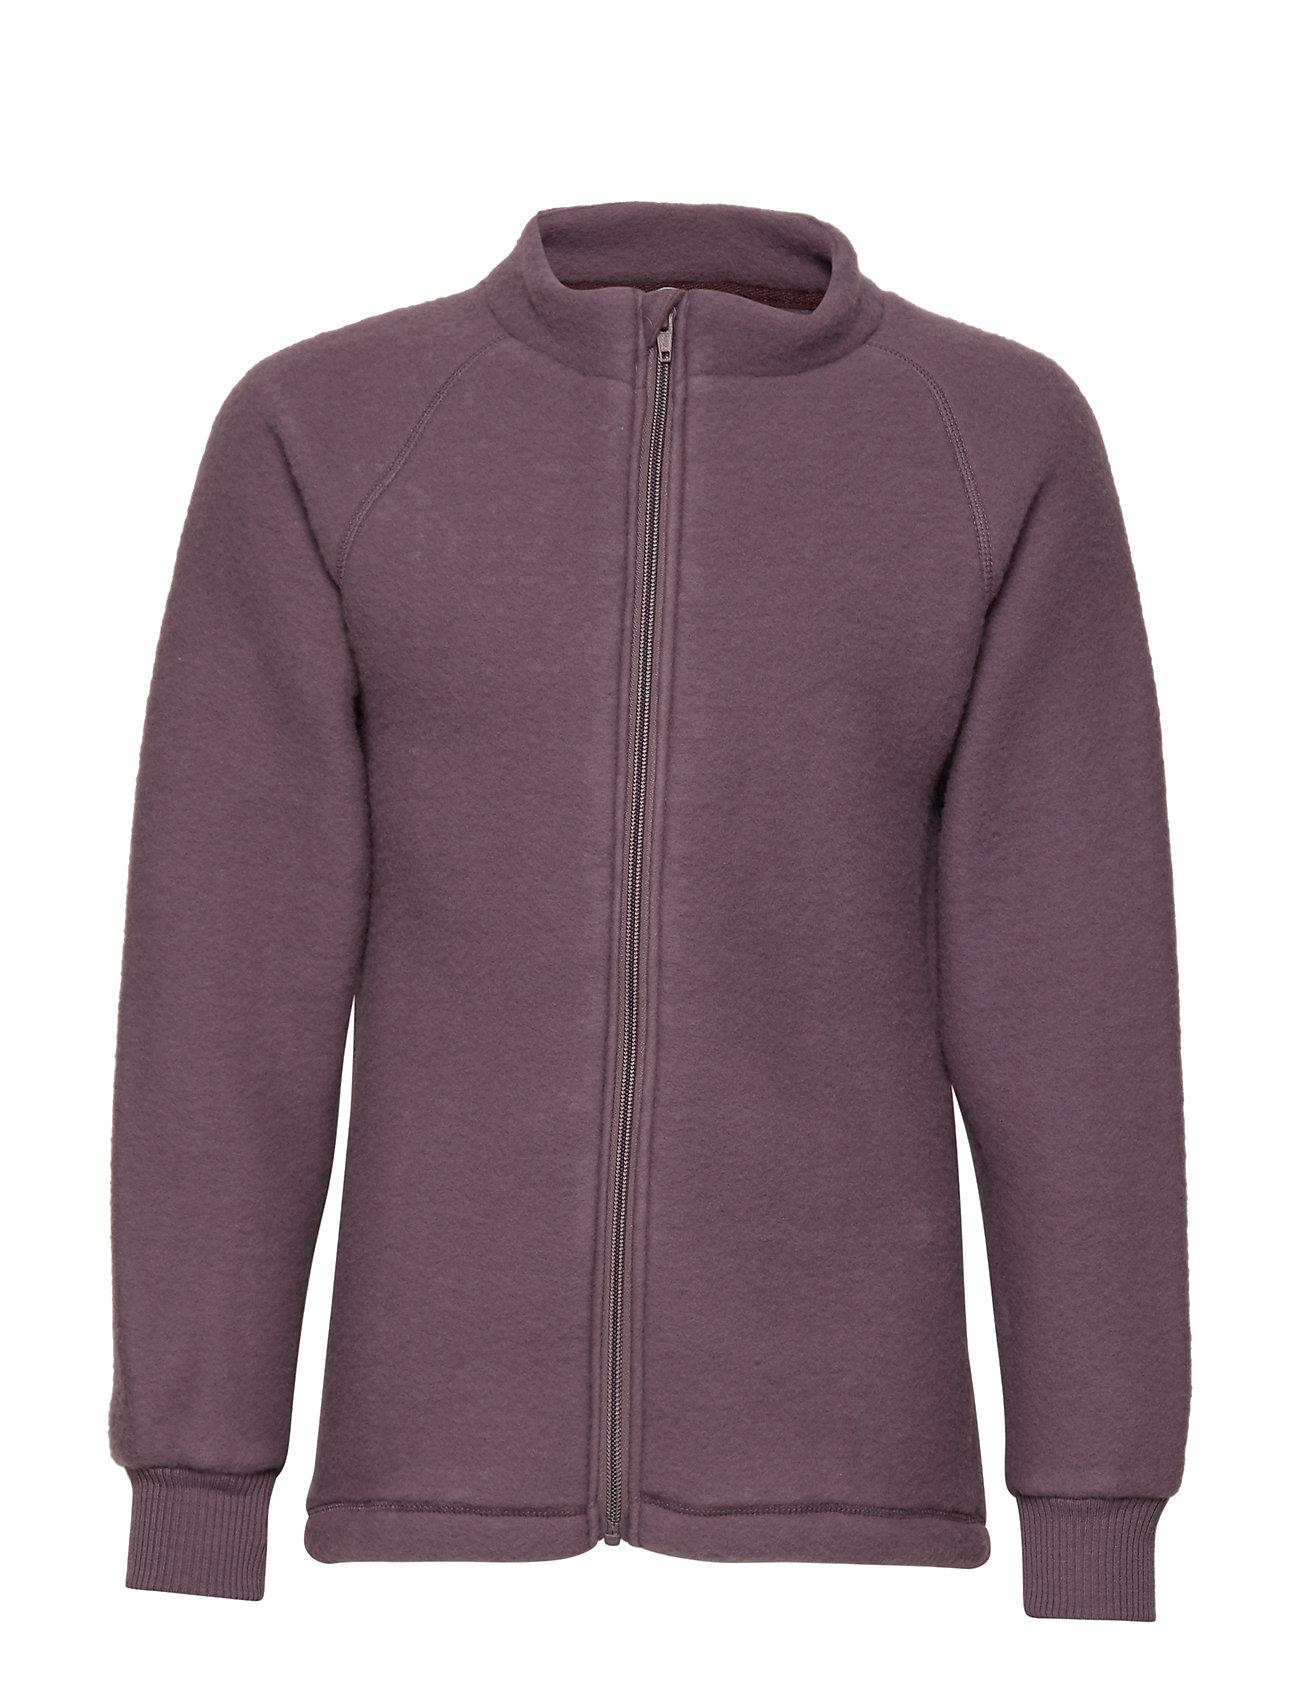 Mikk-Line WOOL jacket - FLINT